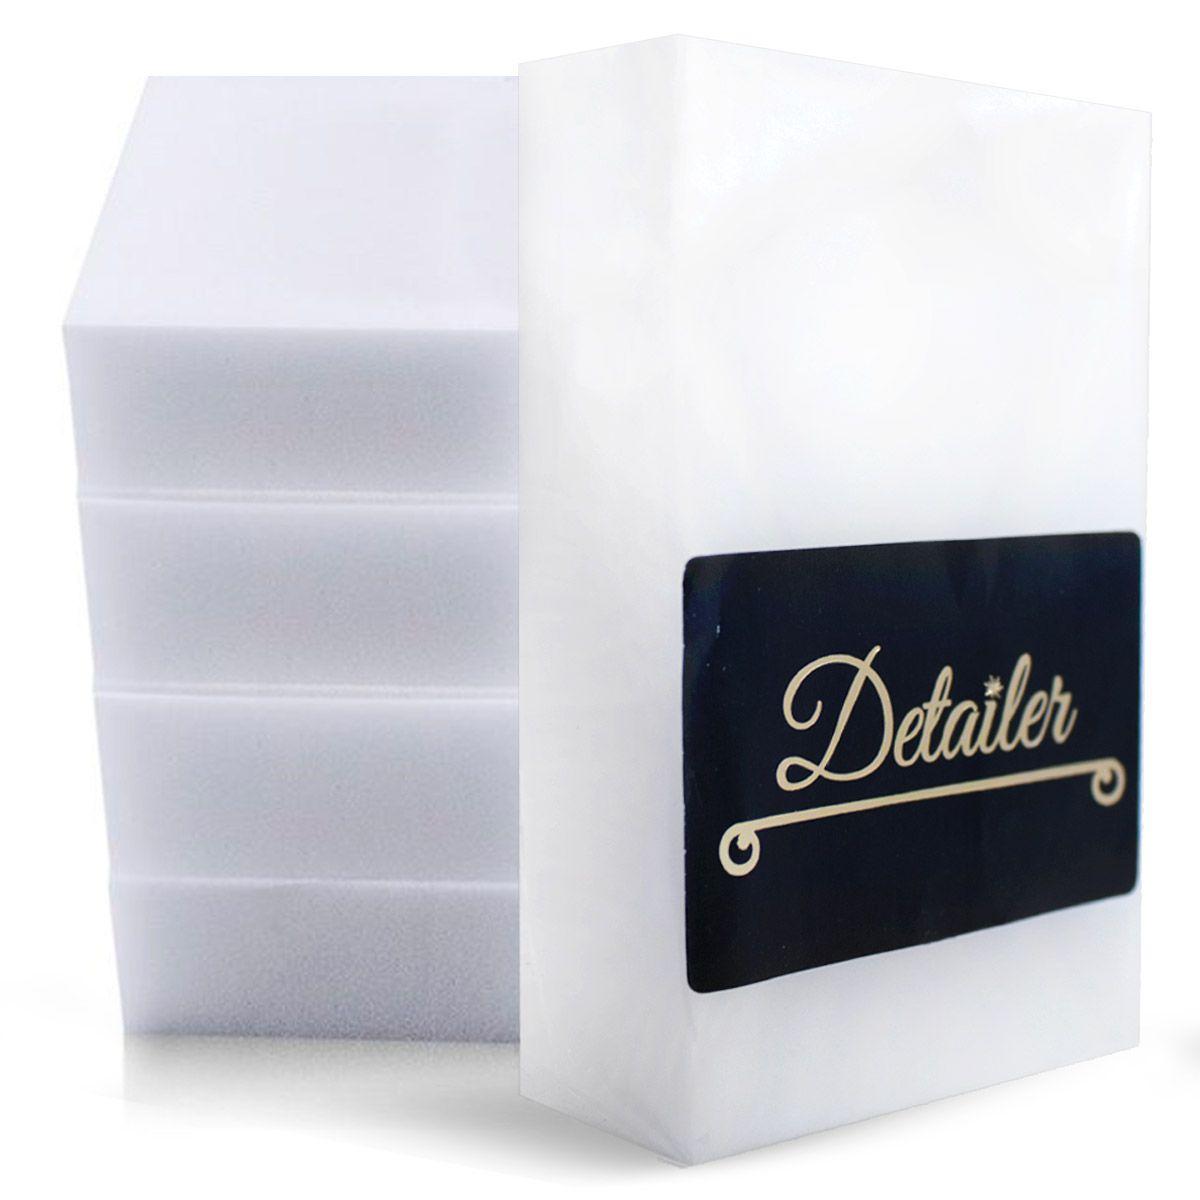 Kit com 5 Esponjas de Melamina Detailer